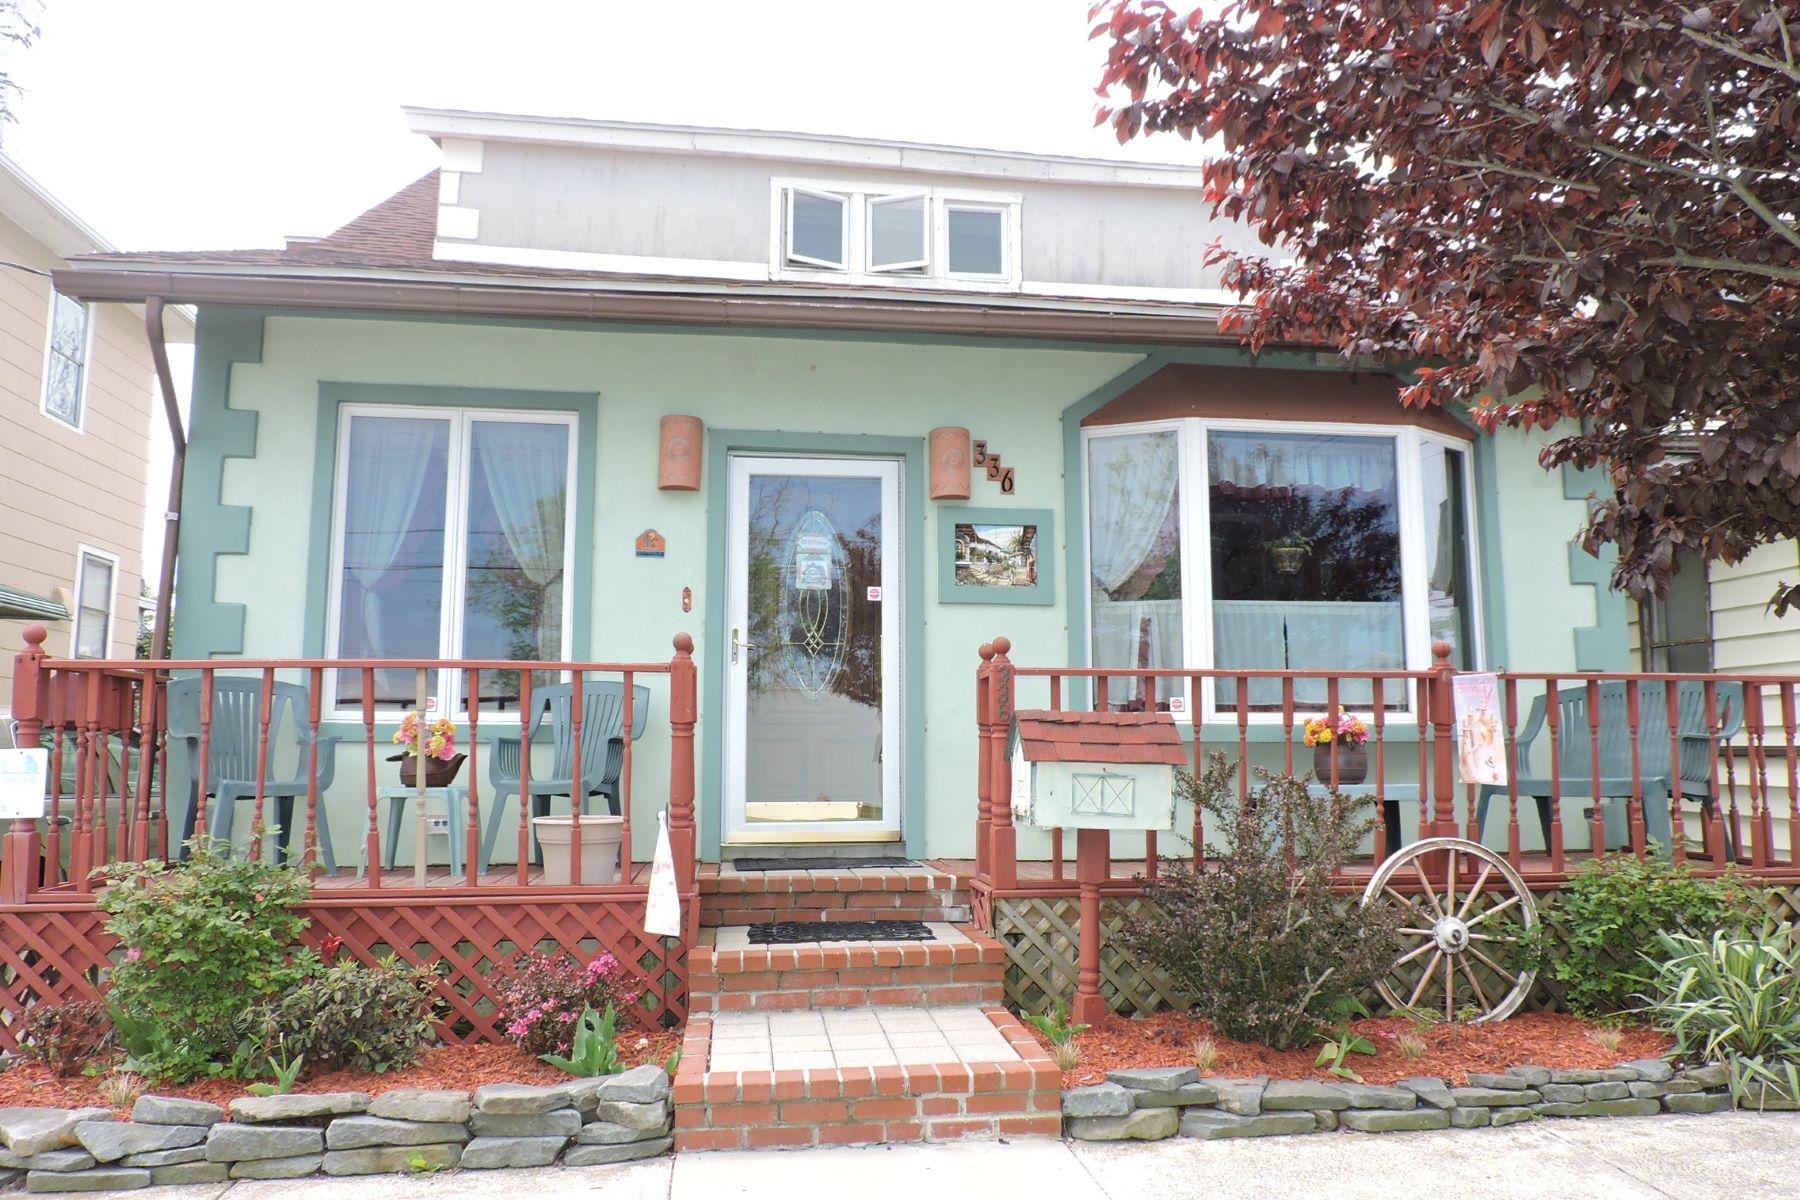 Частный односемейный дом для того Продажа на 336 N Trenton Ave Chelsea Heights, Нью-Джерси 08401 Соединенные Штаты